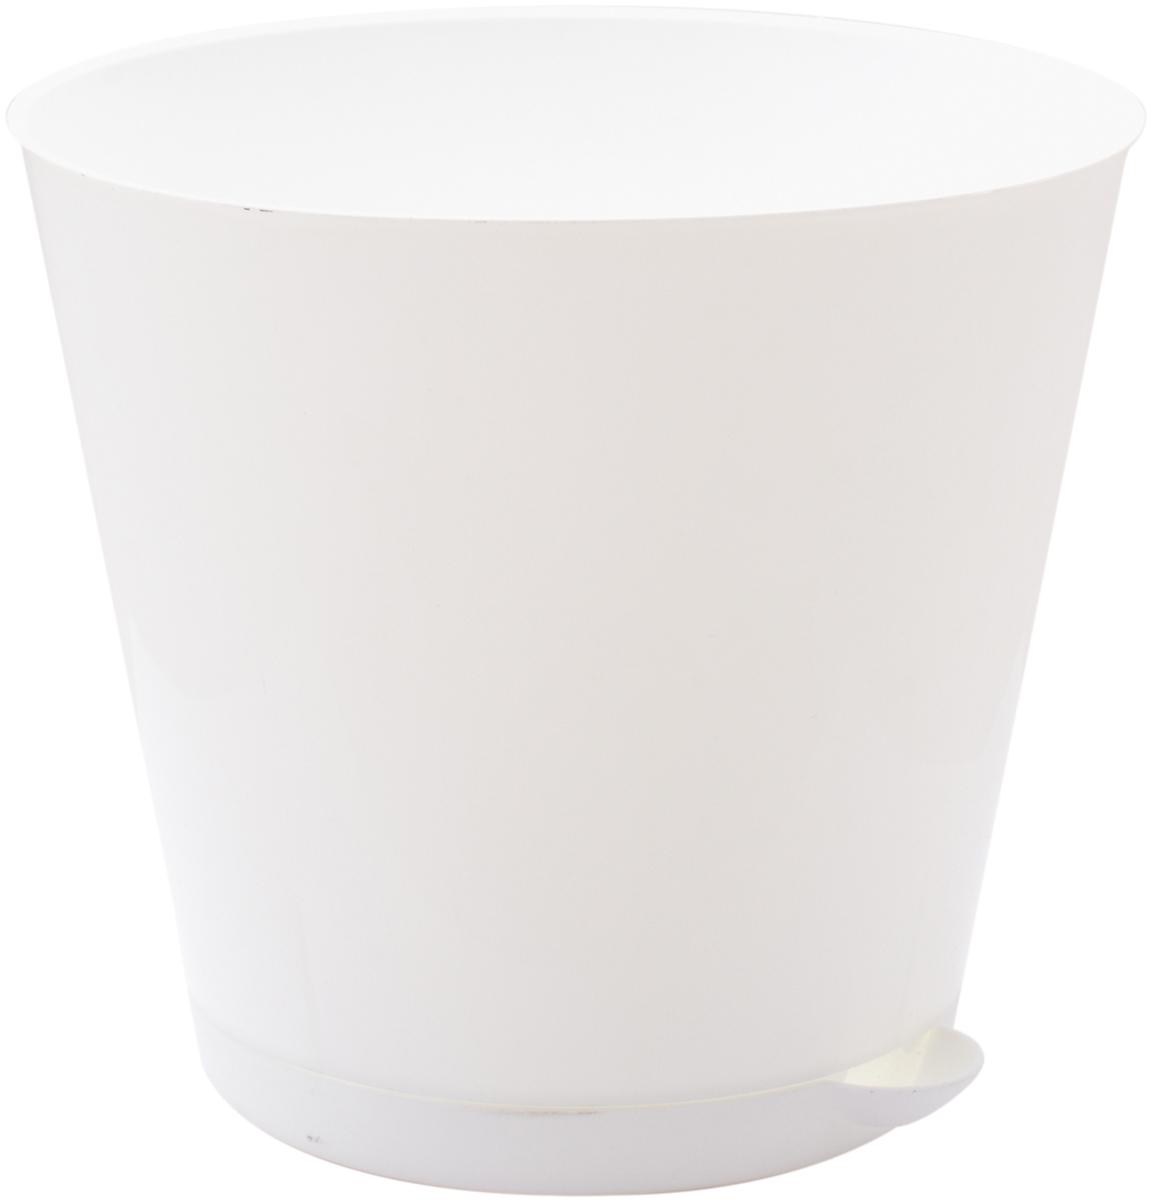 Горшок для цветов InGreen Крит, с системой прикорневого полива, цвет: белый, диаметр 16 смING46016БЛ-16РSГоршок InGreen Крит, выполненный из высококачественного полипропилена (пластика), предназначен для выращивания комнатных цветов, растений и трав. Специальная конструкция обеспечивает вентиляцию в корневой системе растения, а дренажные отверстия позволяют выходить лишней влаге из почвы. Крепежные отверстия и штыри прочно крепят подставку к горшку. Прикорневой полив растения осуществляется через удобный носик. Система прикорневого полива позволяет оставлять комнатное растение без внимания тем, кто часто находится в командировках или собирается в отпуск и не имеет возможности вовремя поливать цветы. Такой горшок порадует вас современным дизайном и функциональностью, а также оригинально украсит интерьер любого помещения. Объем горшка: 1,8 л. Диаметр горшка (по верхнему краю): 16 см. Высота горшка: 14,7 см.